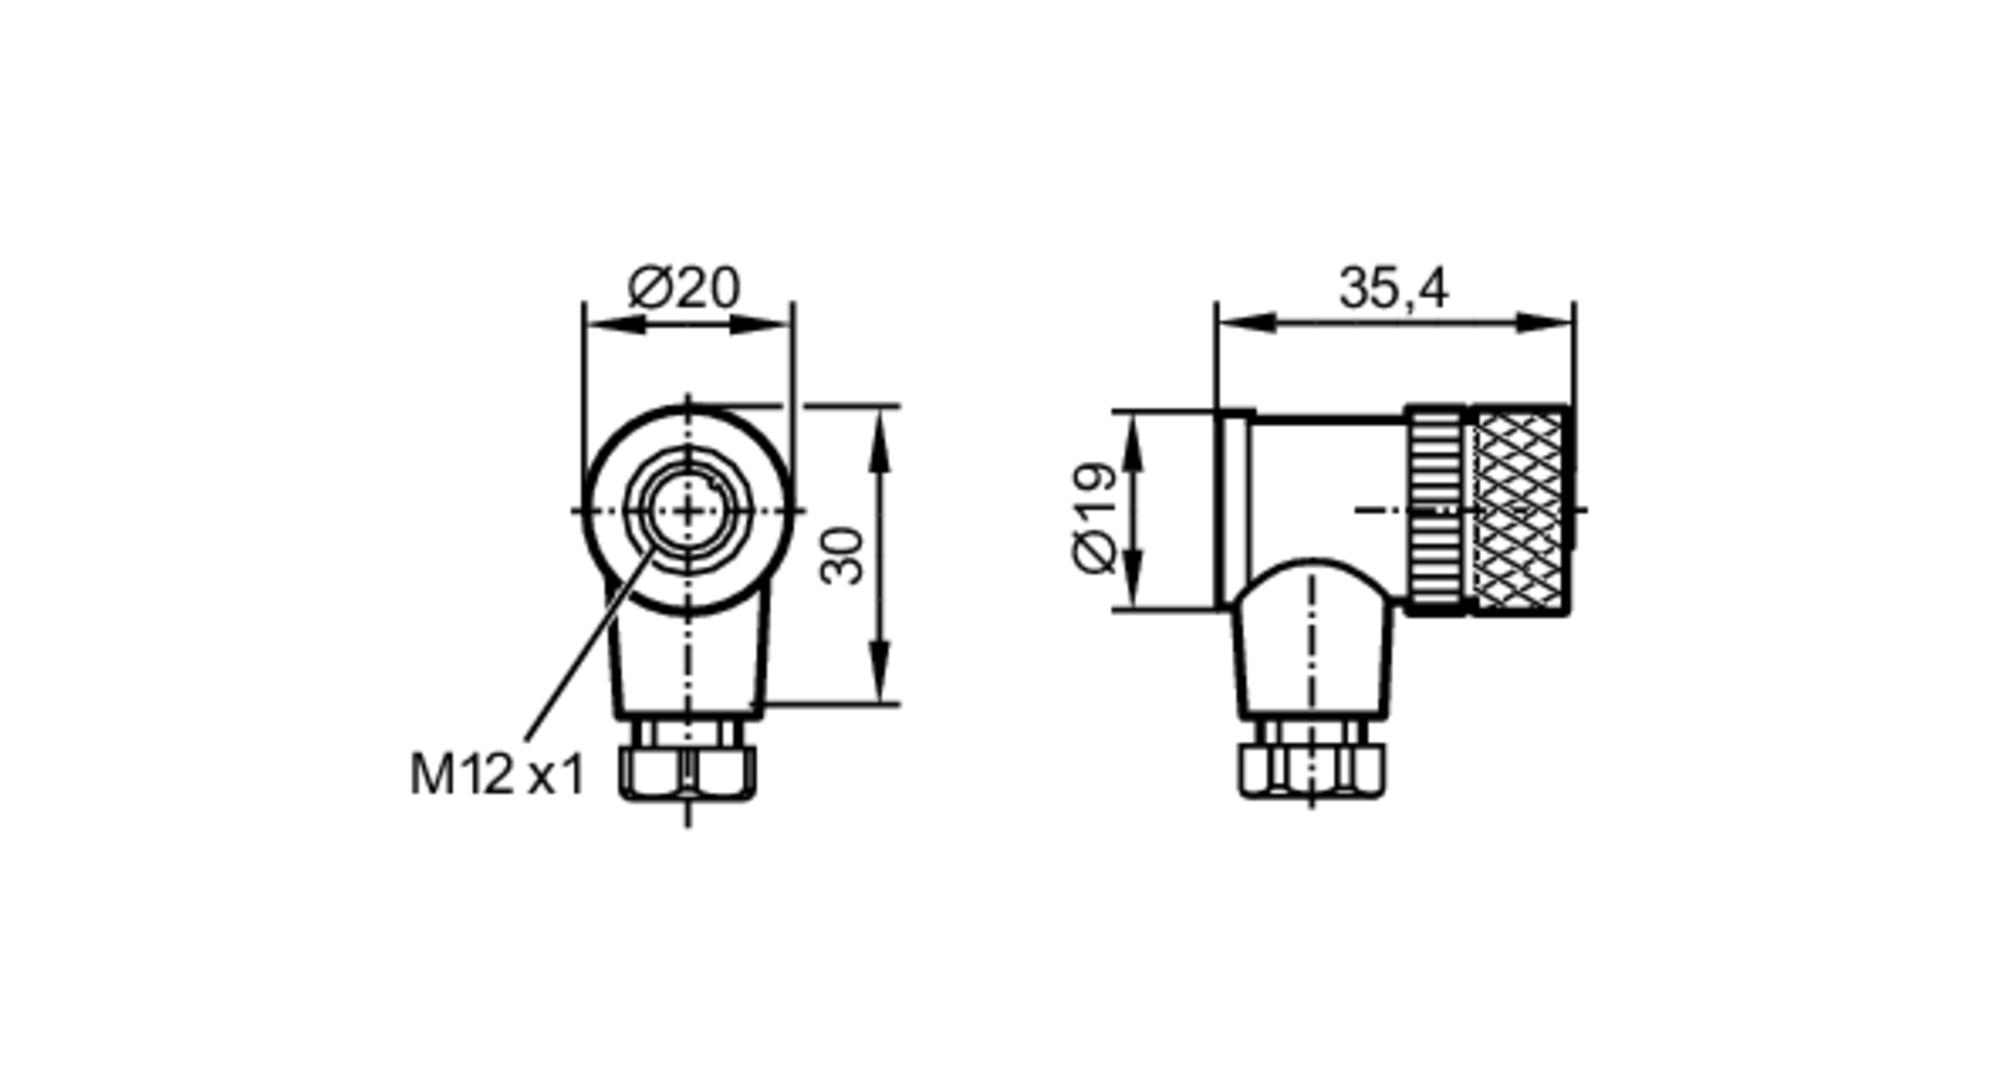 e11509 - female wirable connectors